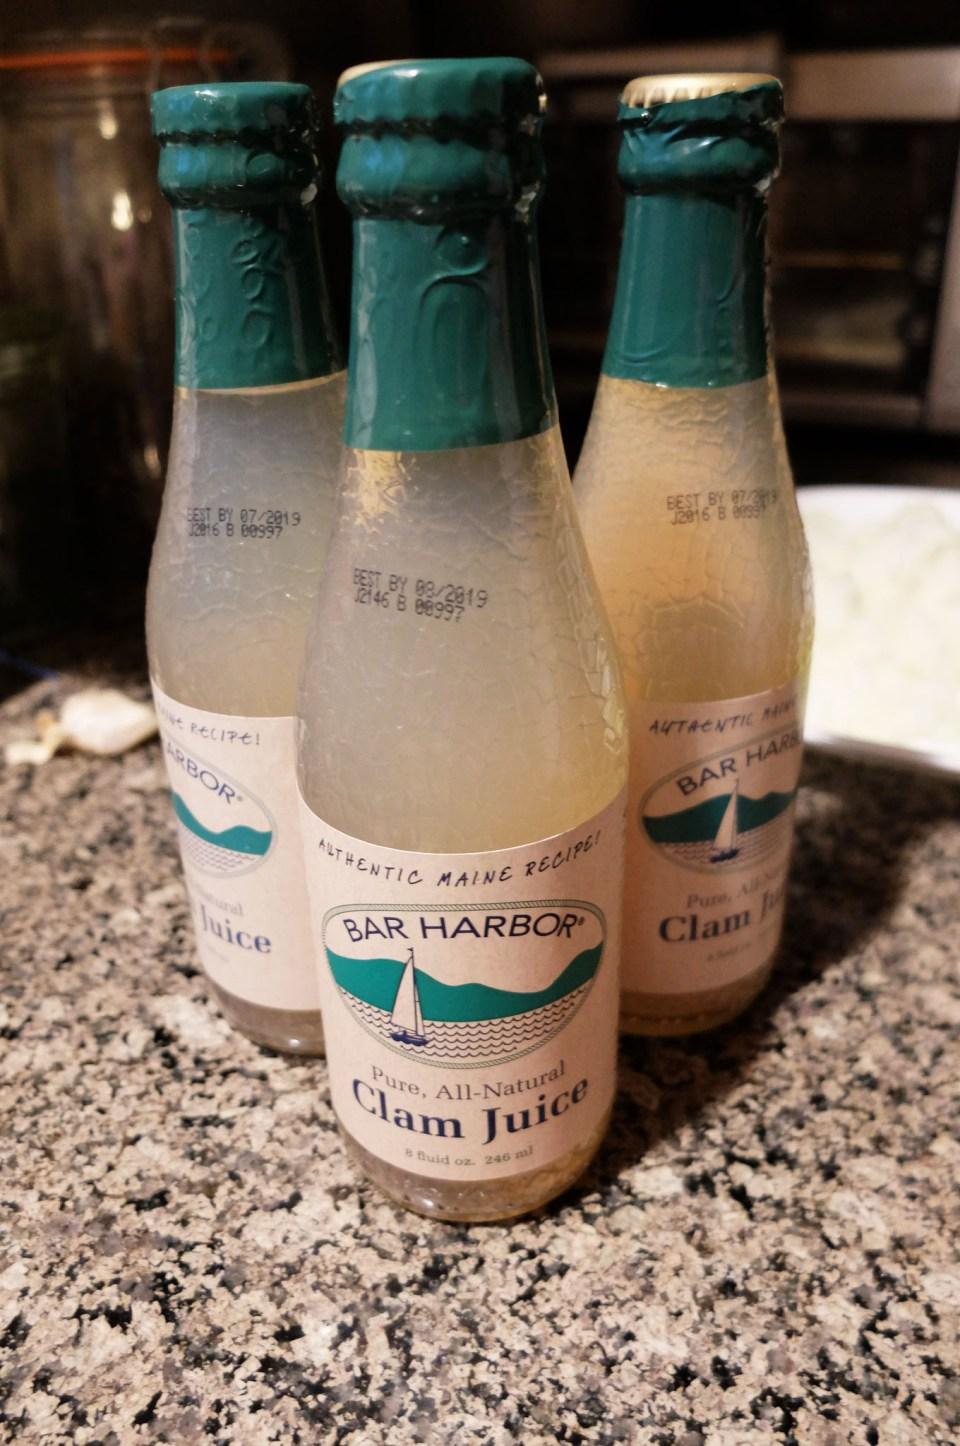 Clam Juice